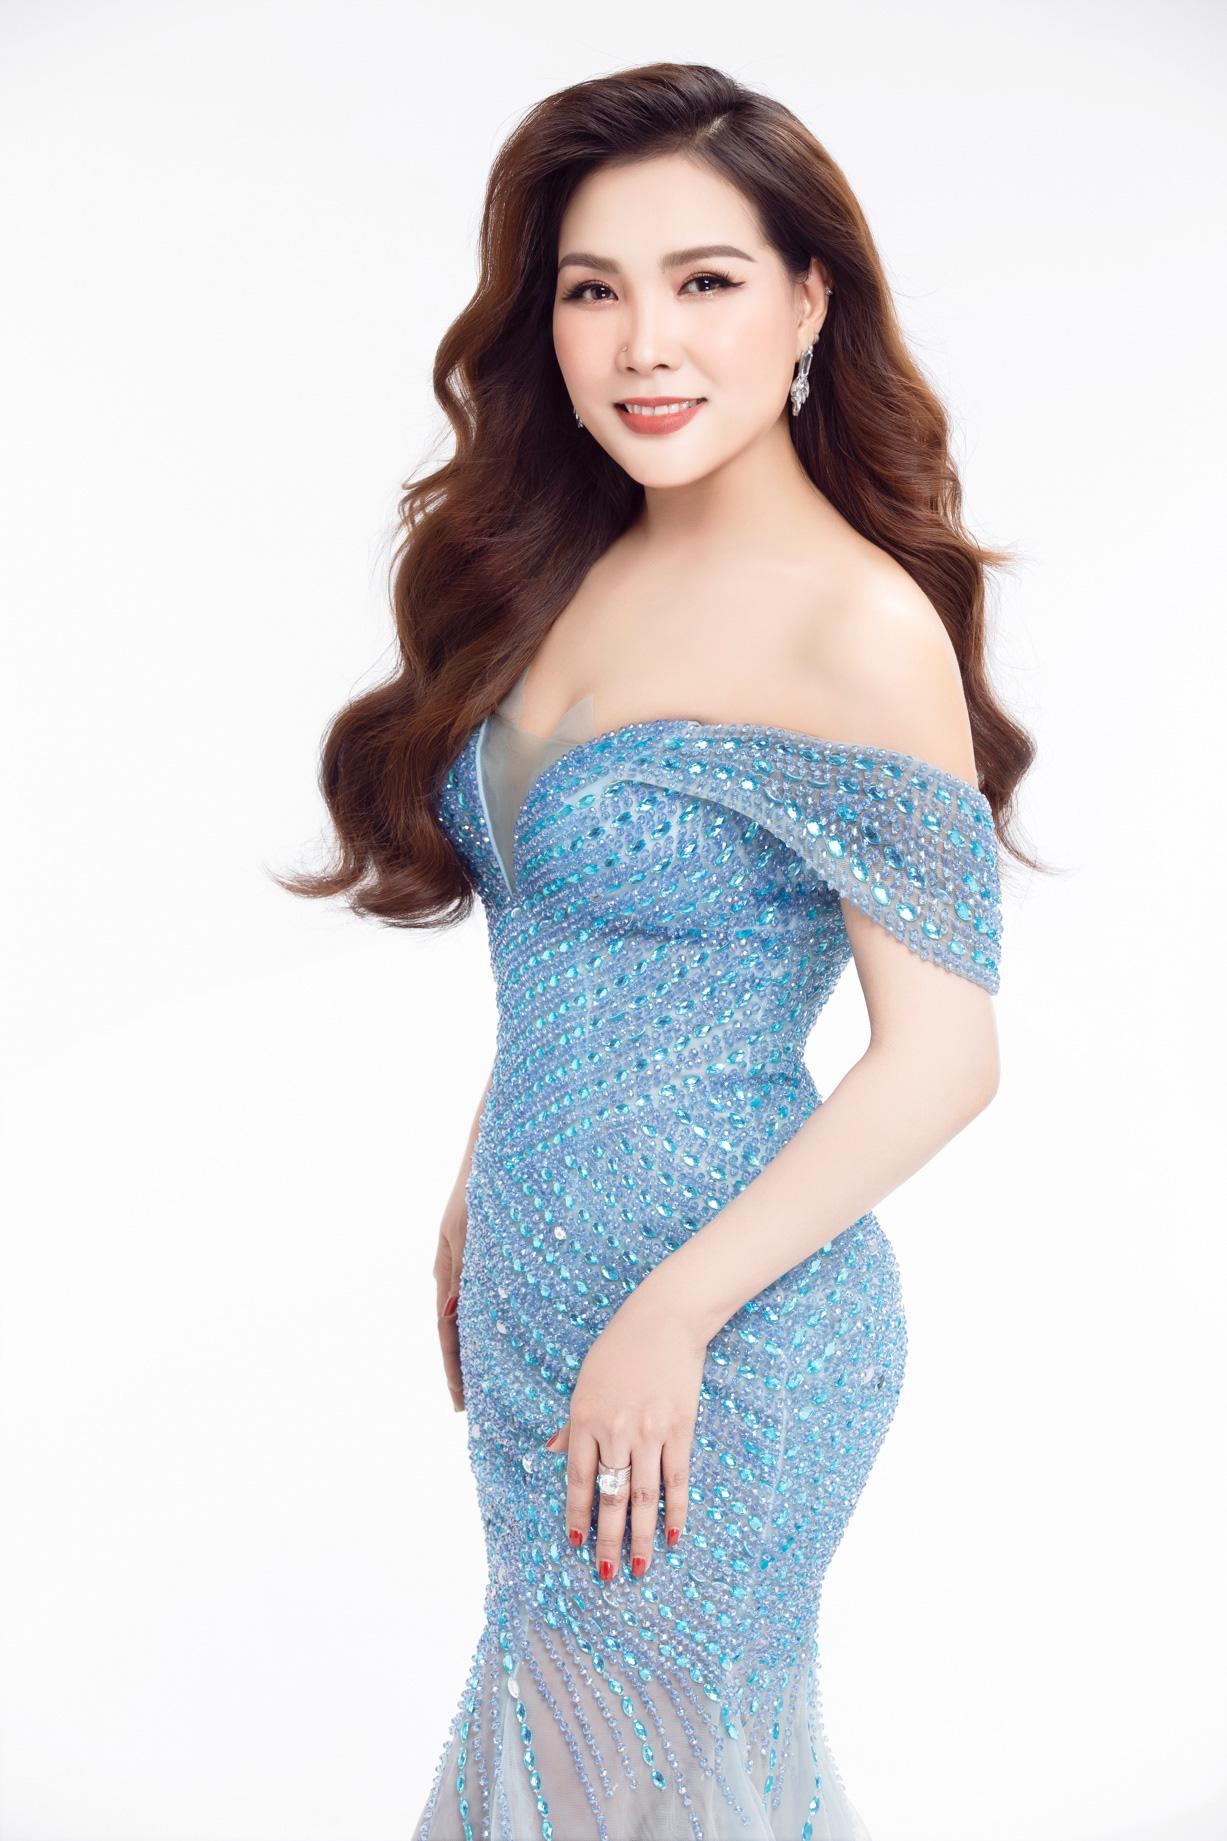 Thạc sĩ, nhà báo Đặng Gia Bena tô đậm thành công Hoa hậu Doanh nhân Việt Nam Toàn cầu 2020 - Ảnh 1.